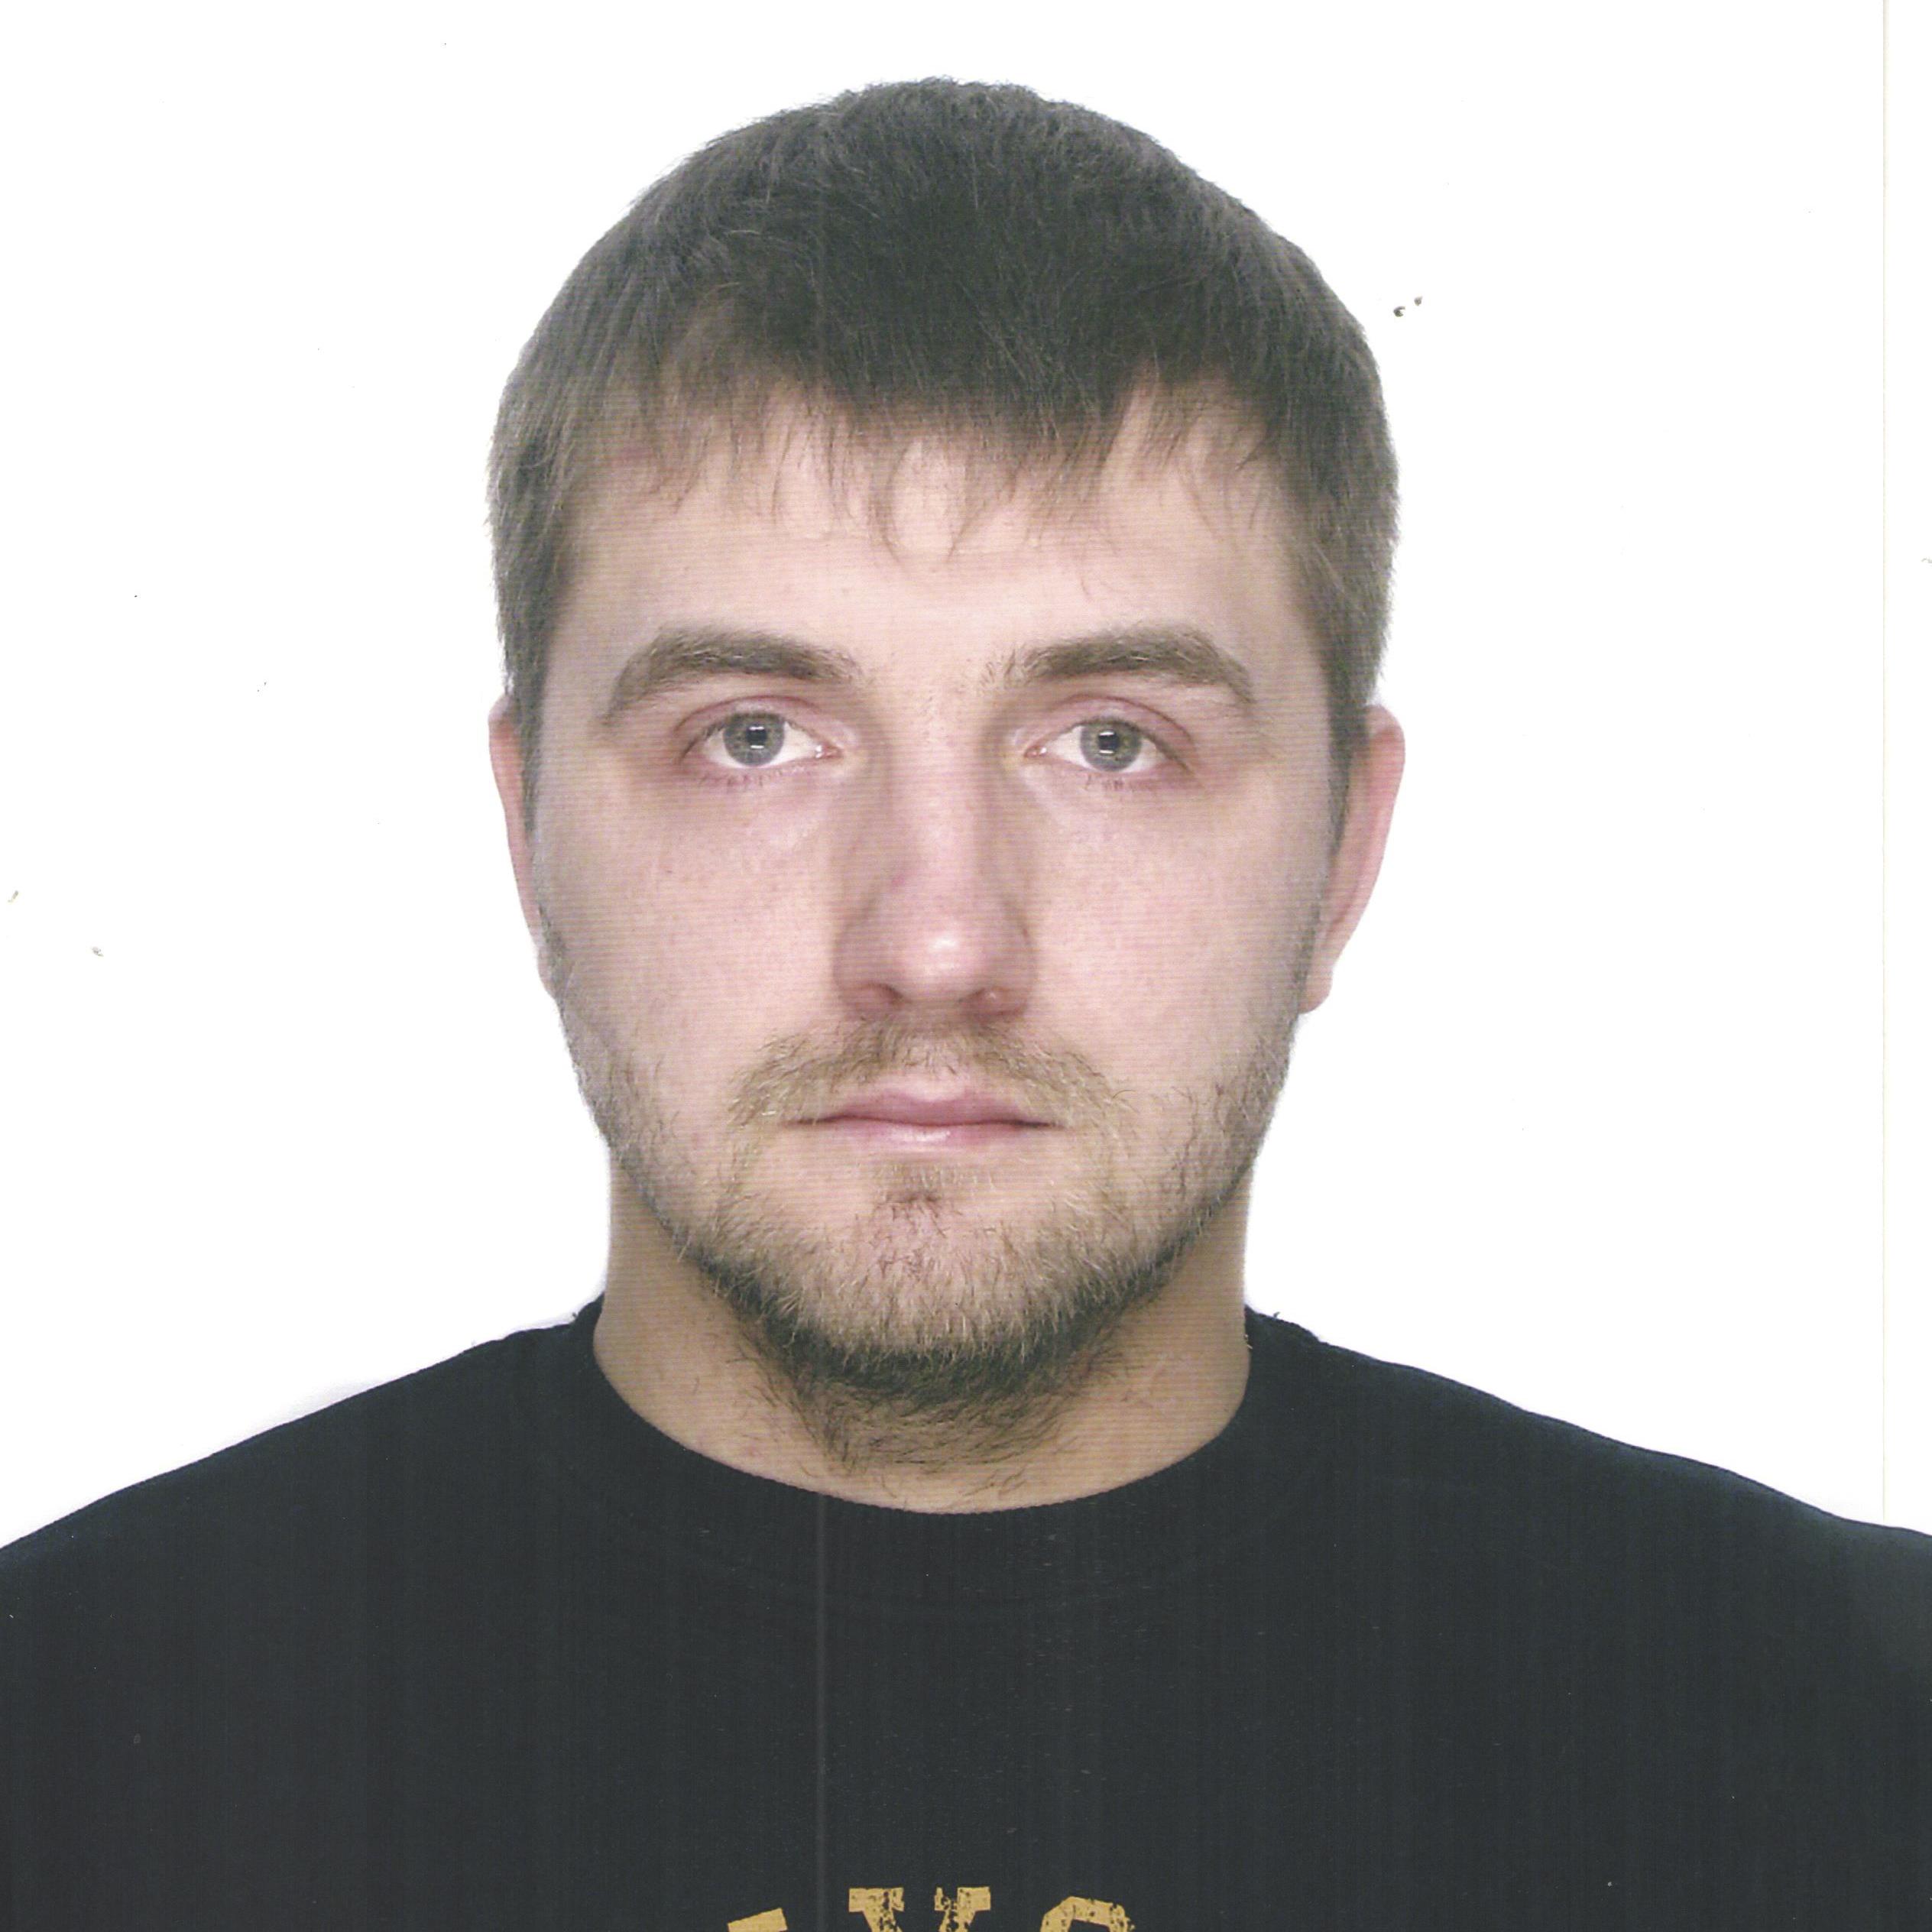 Кокорев Дмитрий Александрович